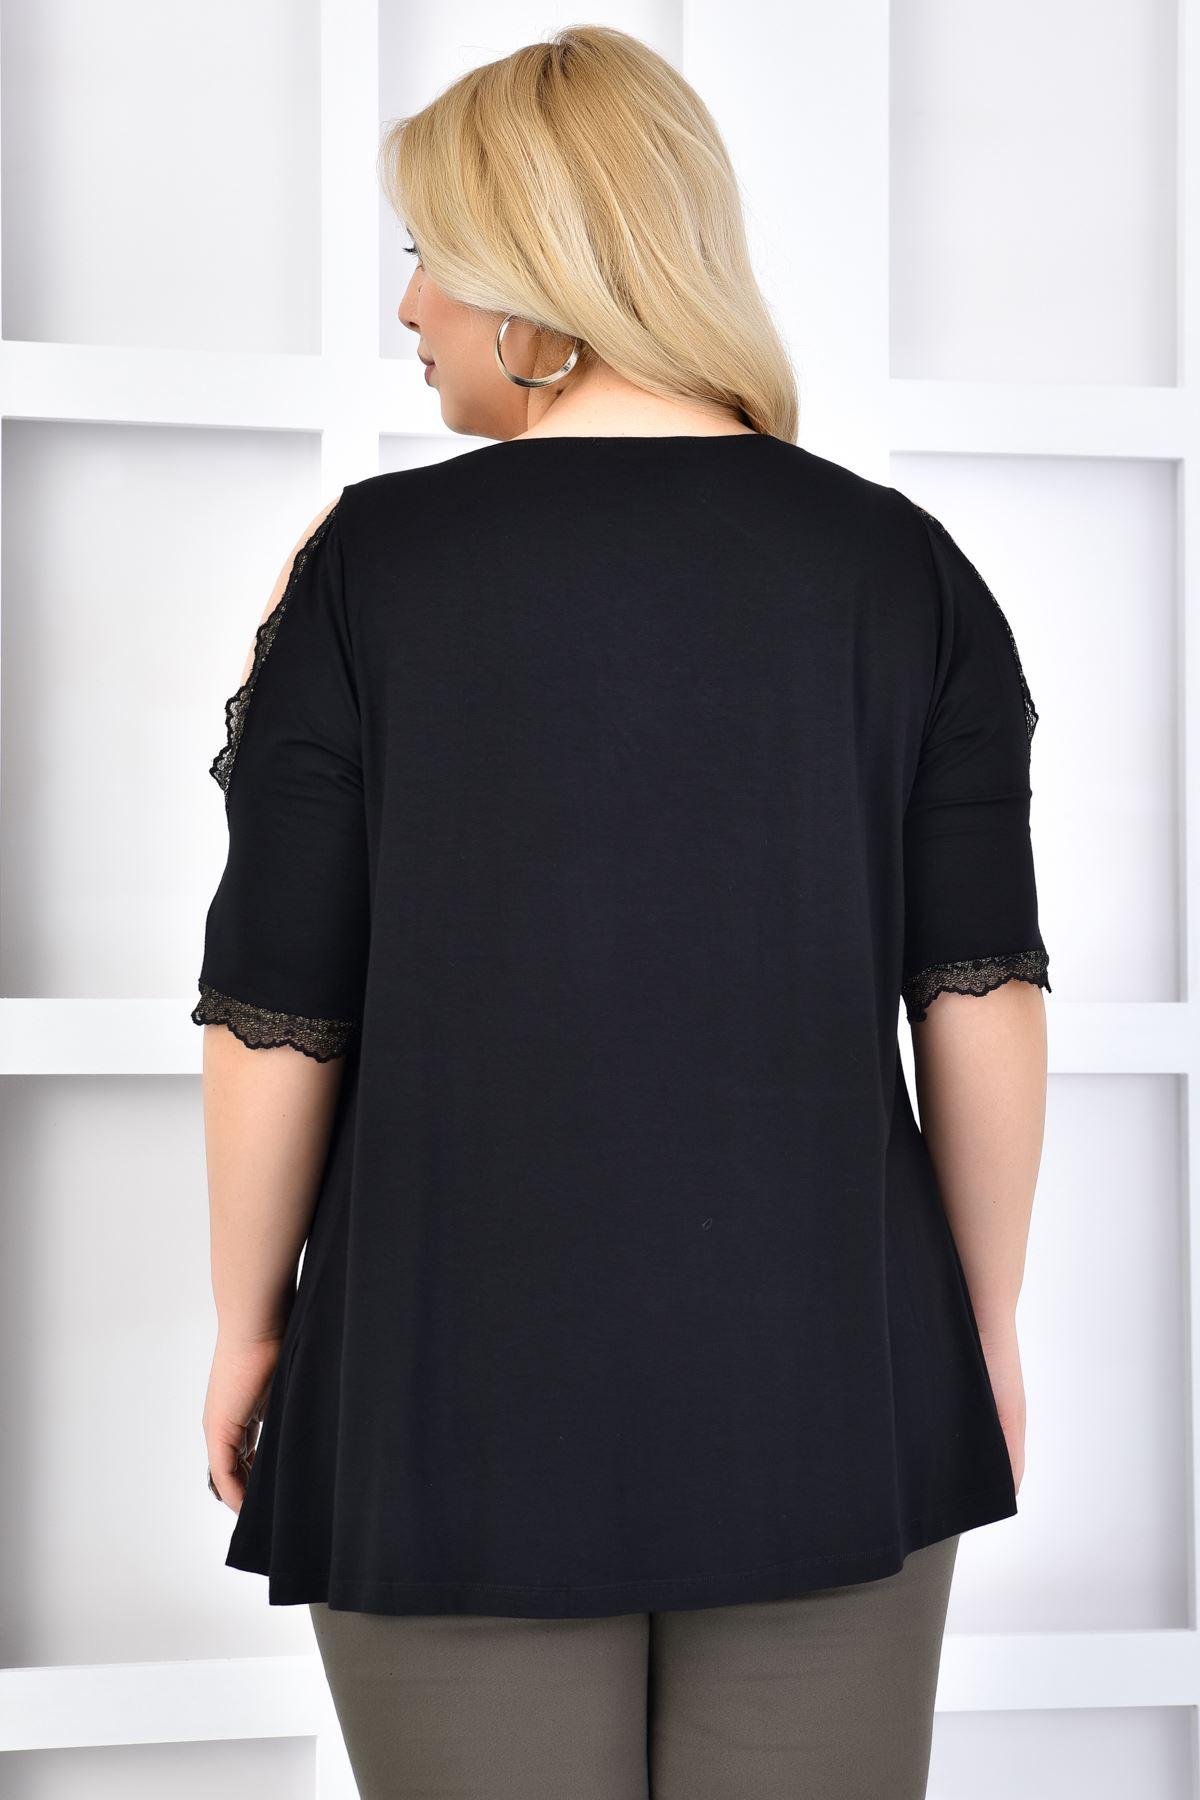 Kadın Siyah Büyük Beden Tshirt Yaka Kol Dantel